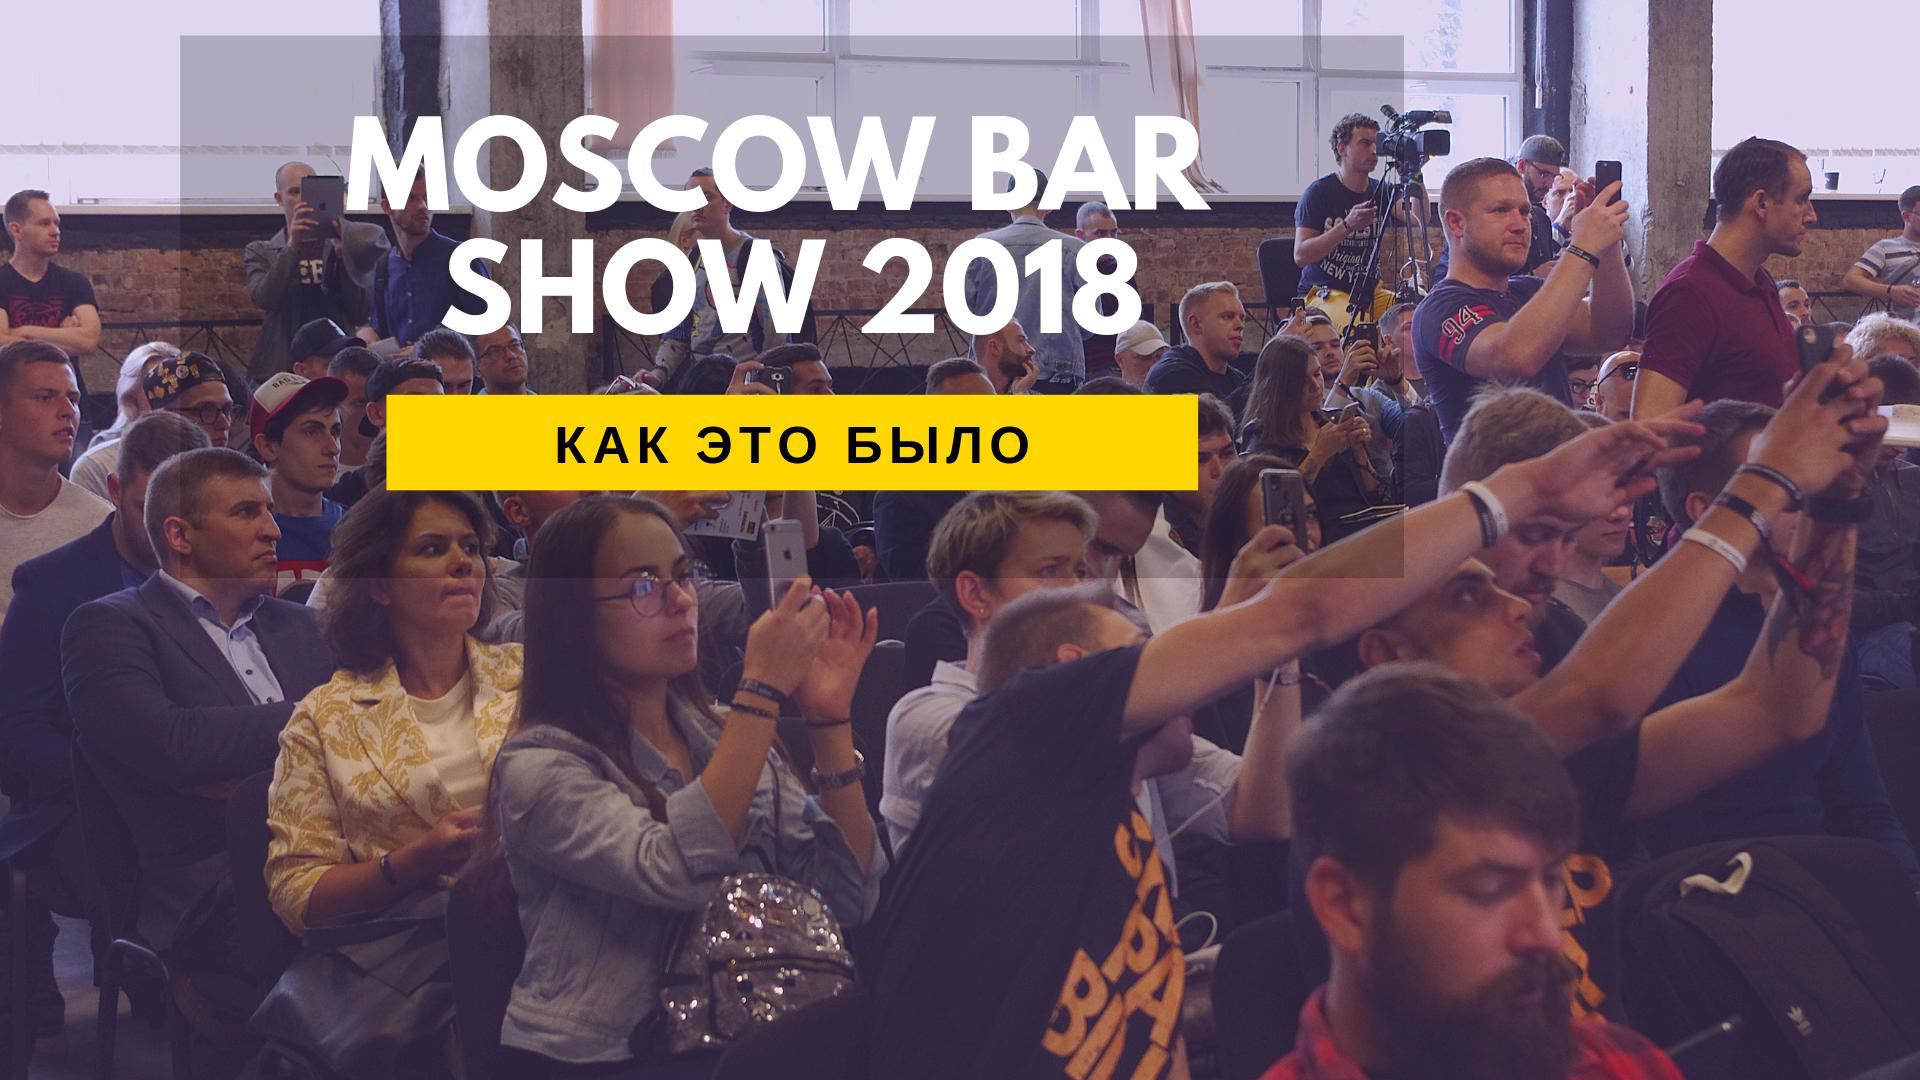 Moscow bar show 2018 MBS Москоу бар шоу итоги выставки барное мероприятие индустирия ХоРеКа гостеприимства полный зал бартендеров